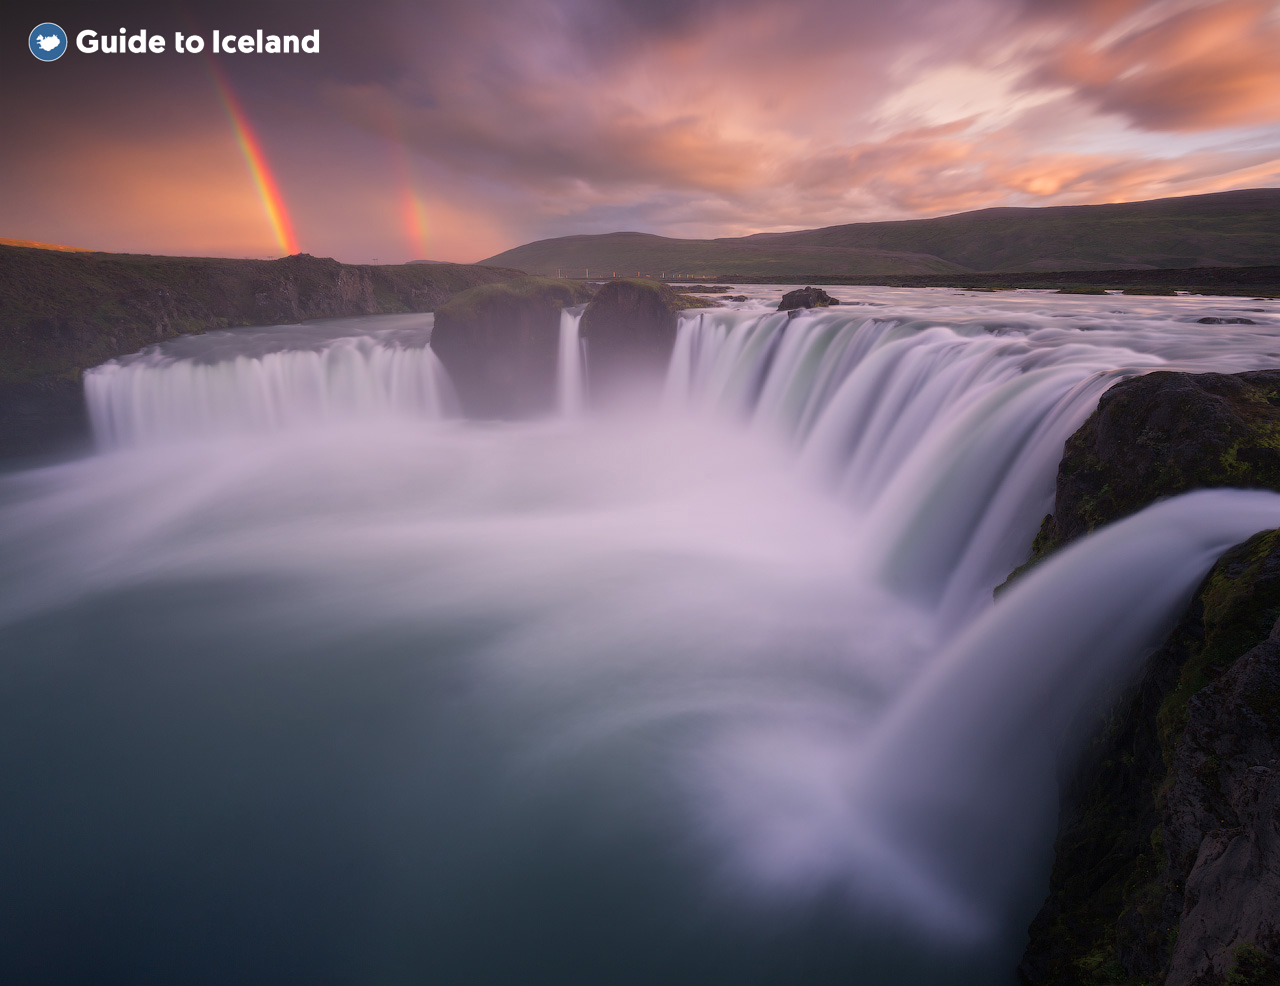 เมืองสิกลูฟยอร์ดูร์ถือเป็นด่านหน้าของการทำการประมงอย่างแท้จริงในทางเหนือของประเทศไอซ์แลนด์